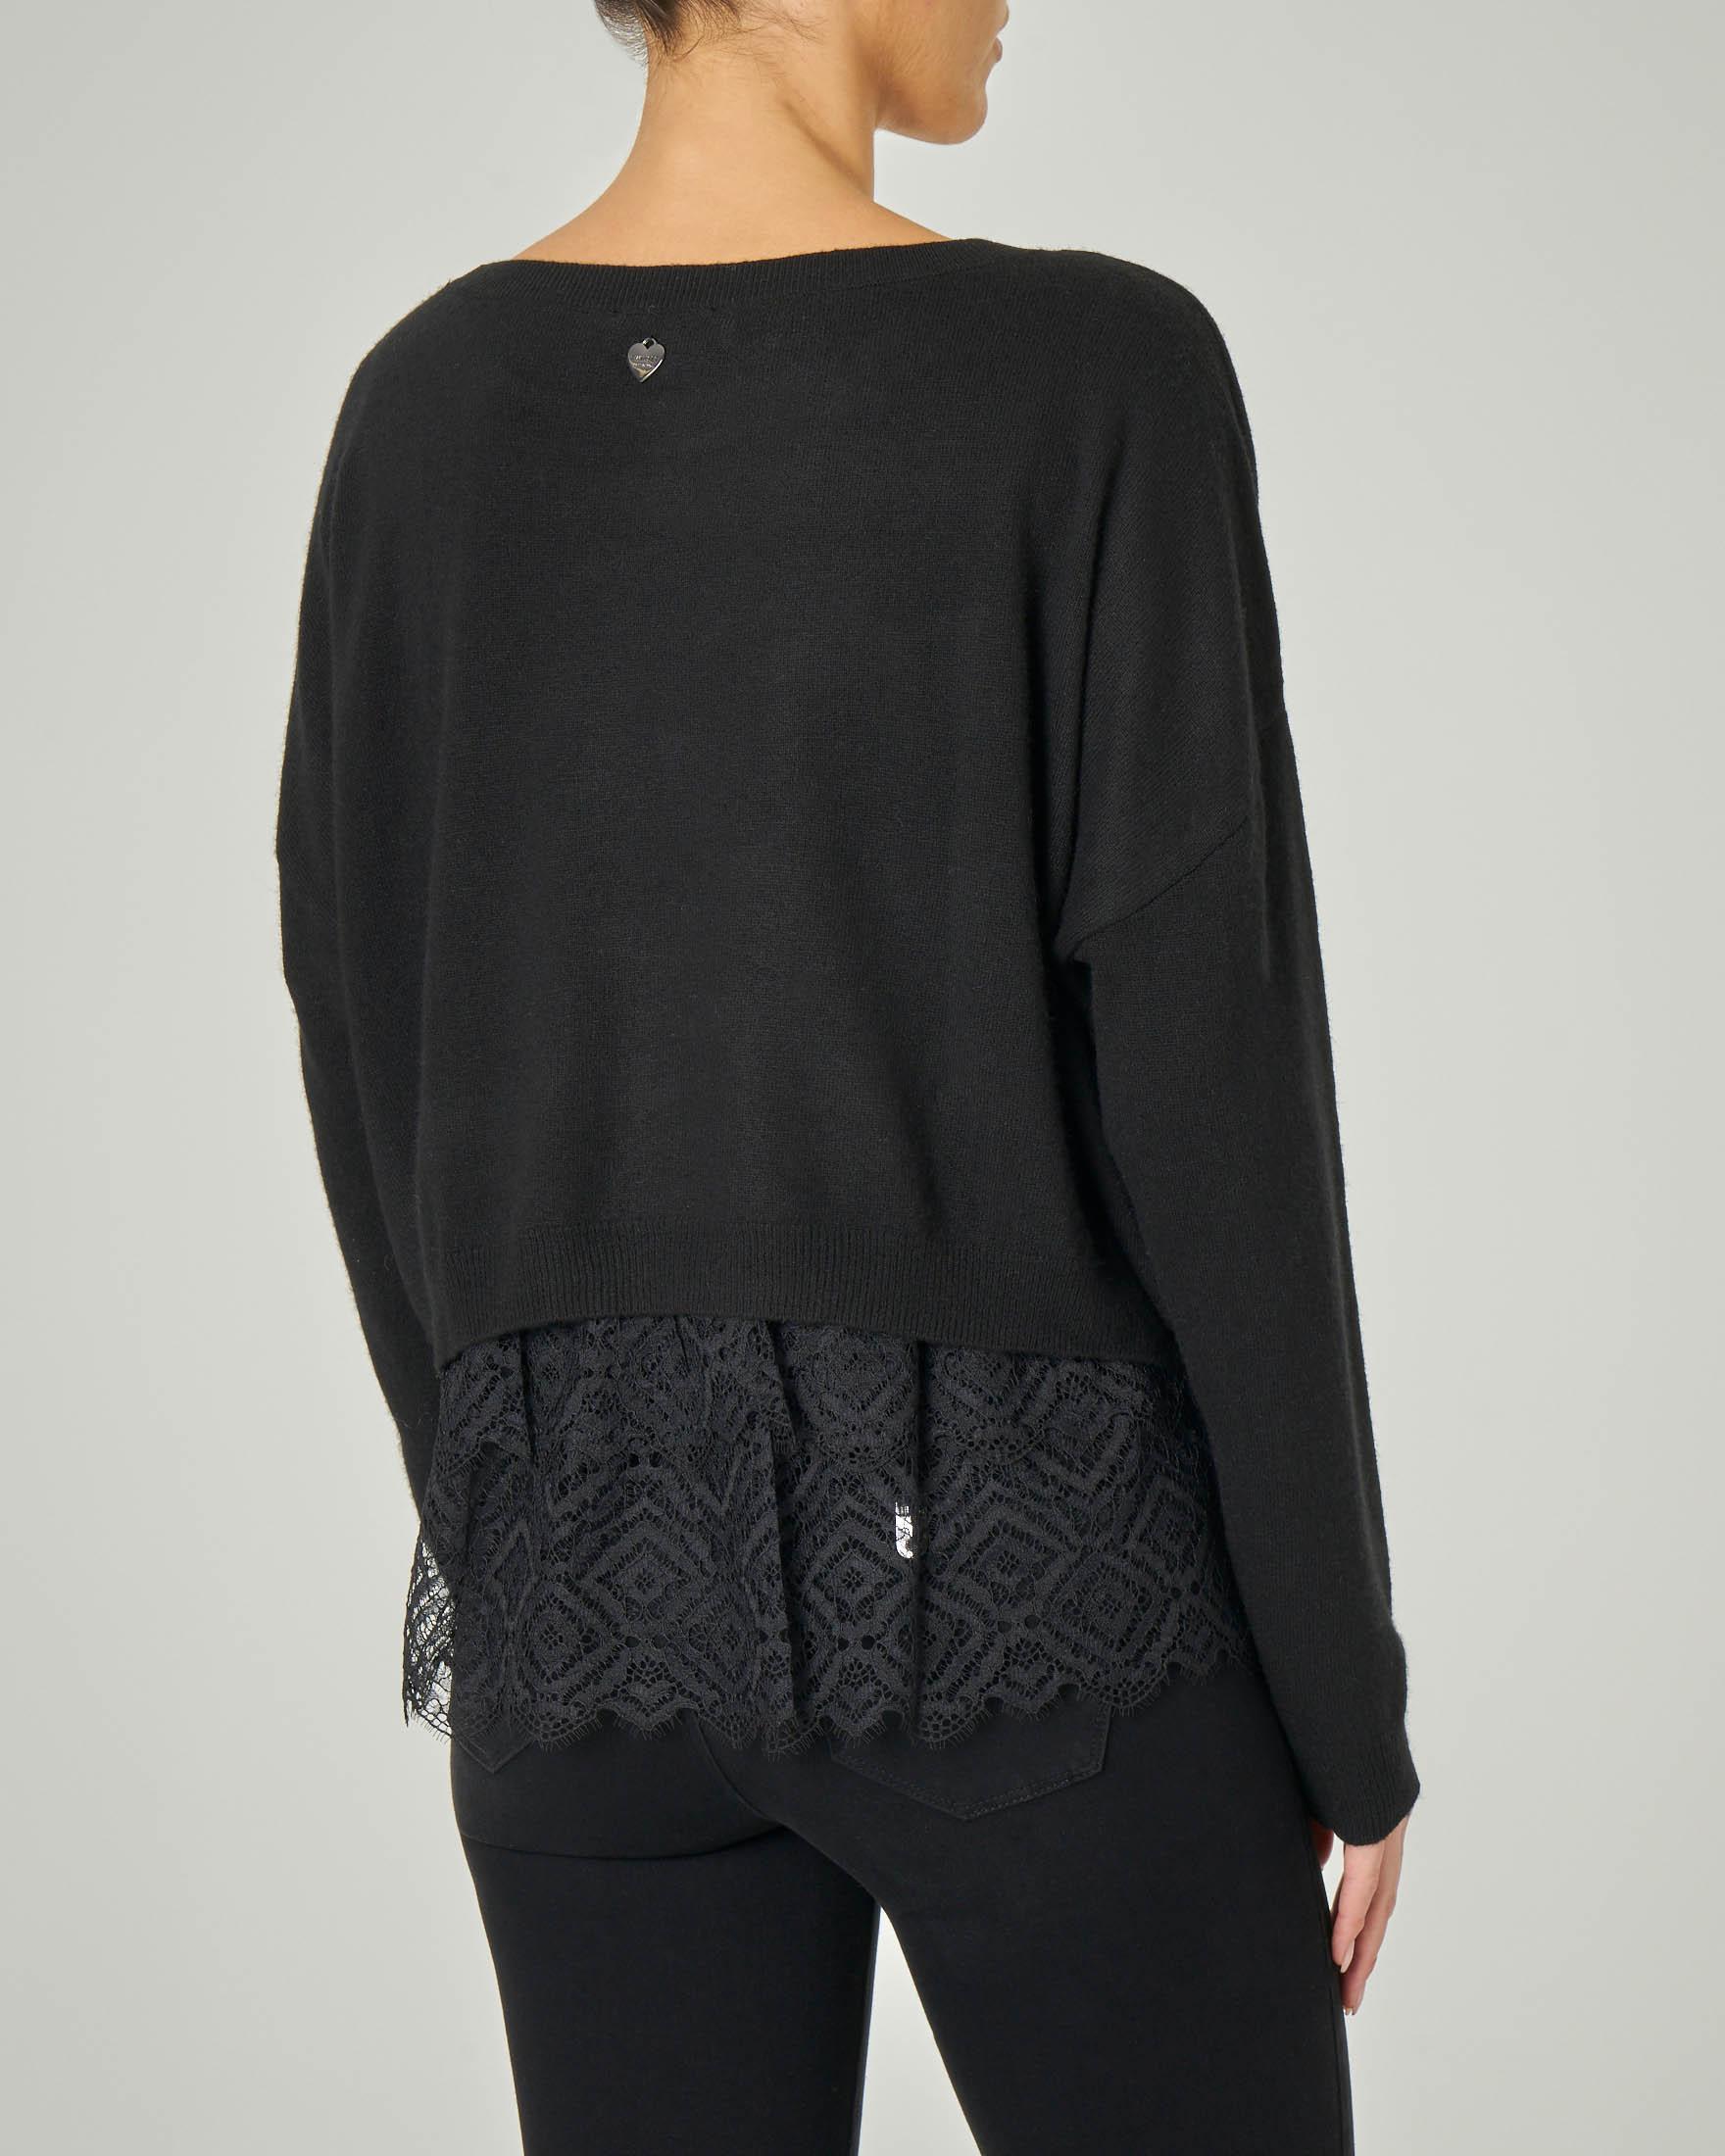 Maglia cropped con scollo a barchetta nera in lana misto alpaca con top più lungo in pizzo